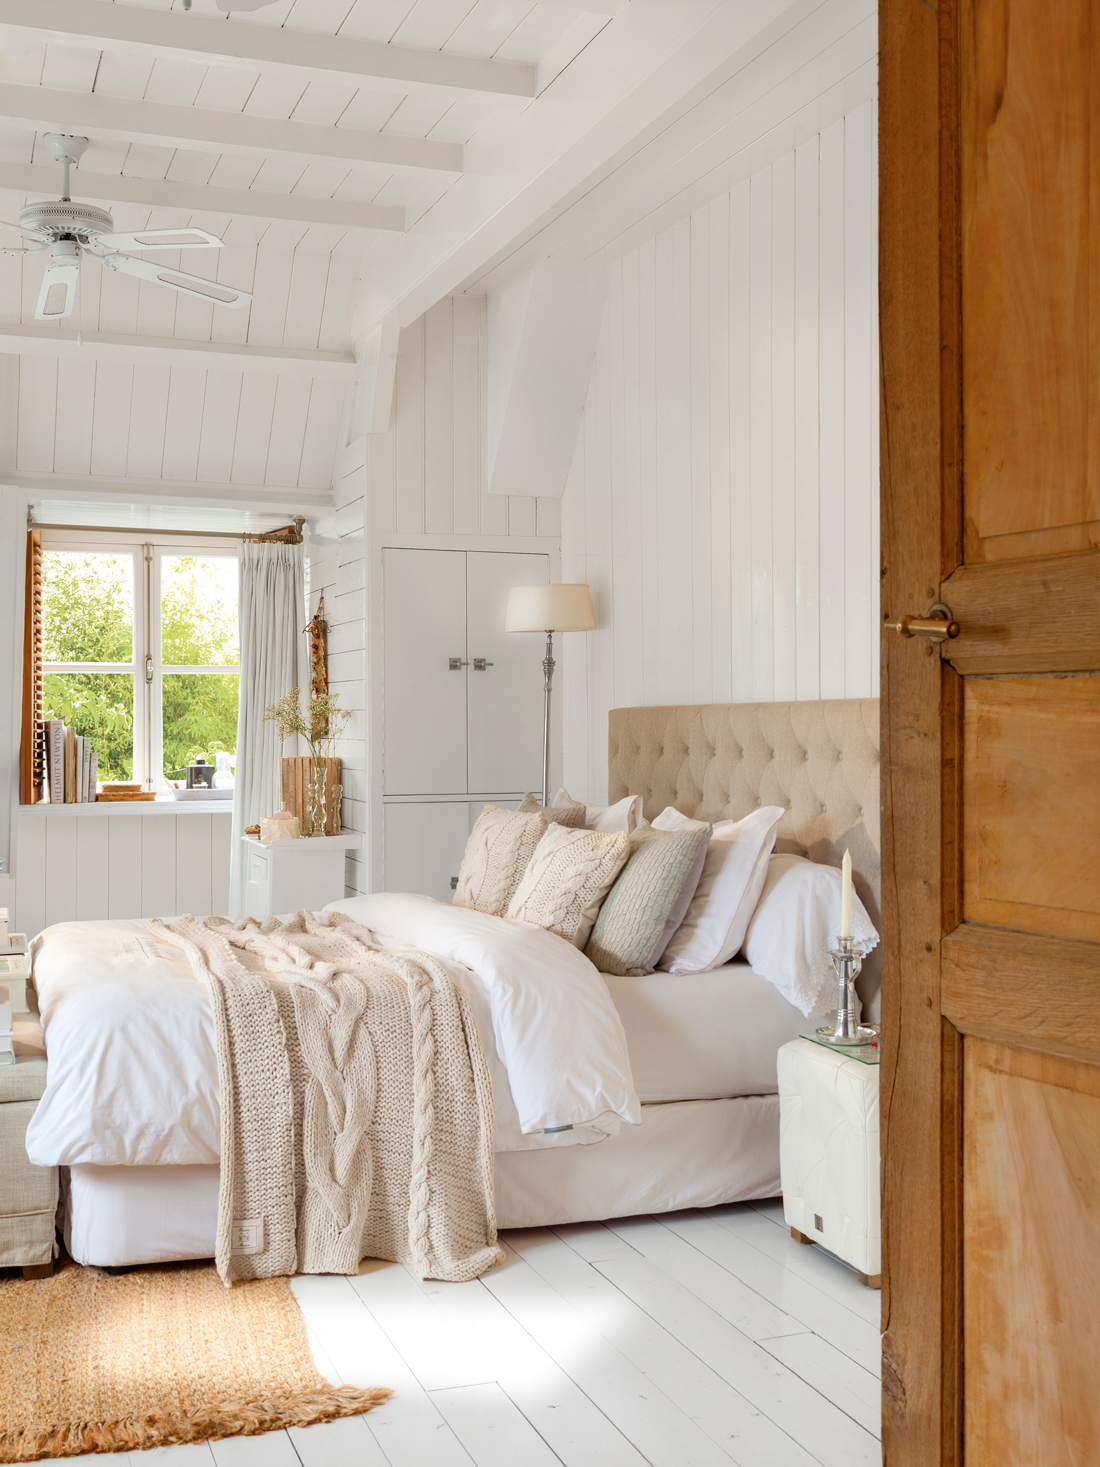 00408203. Dormitorio de madera blanco y cabecero capitoné de color arena 00408203